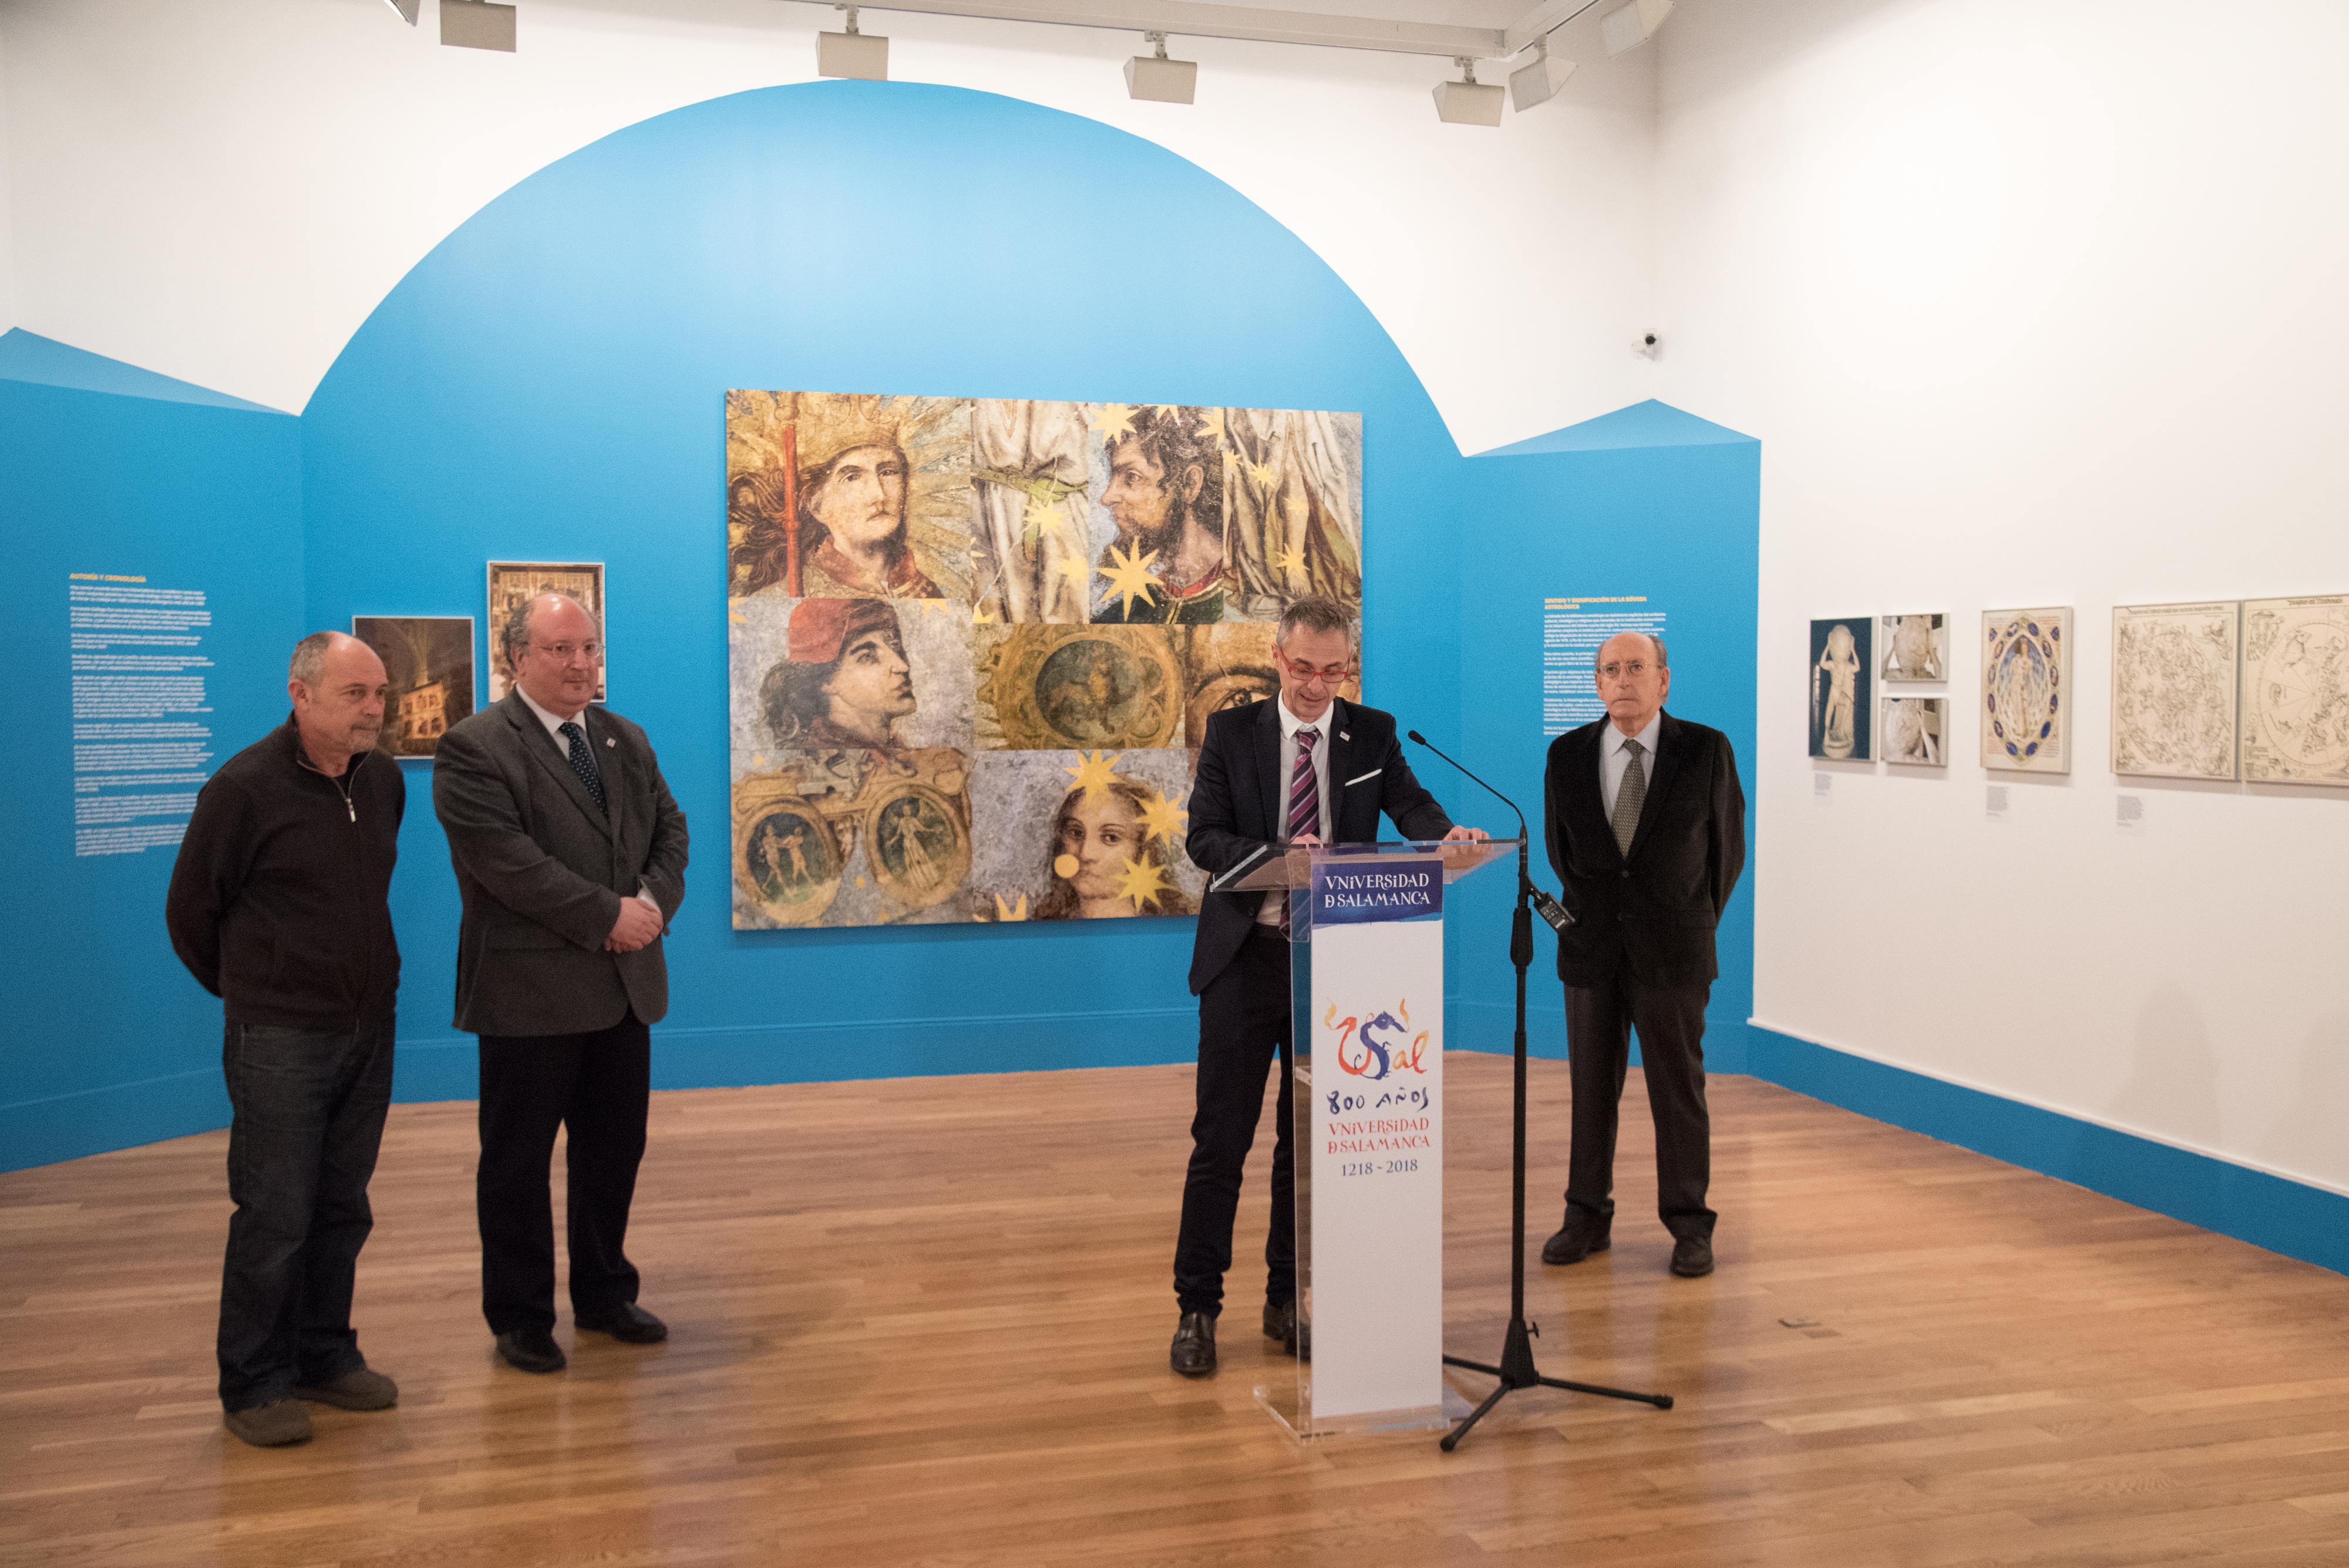 La Universidad de Salamanca presenta la exposición 'El Cielo de Salamanca. Arte y astronomía en la bóveda de la antigua Biblioteca Universitaria'